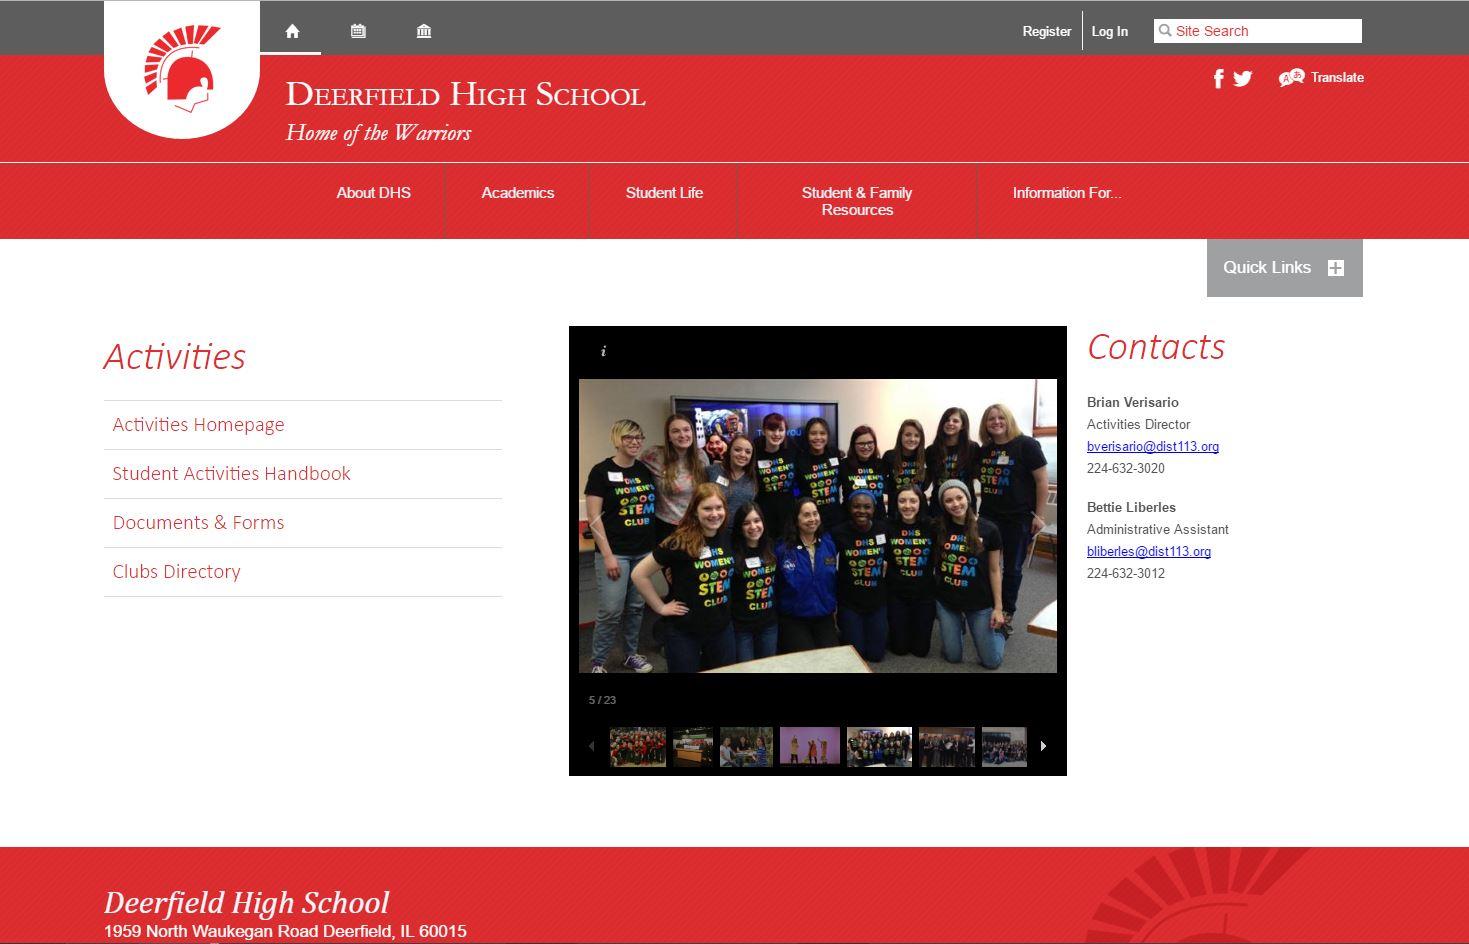 deerfield-high-school-activities-page